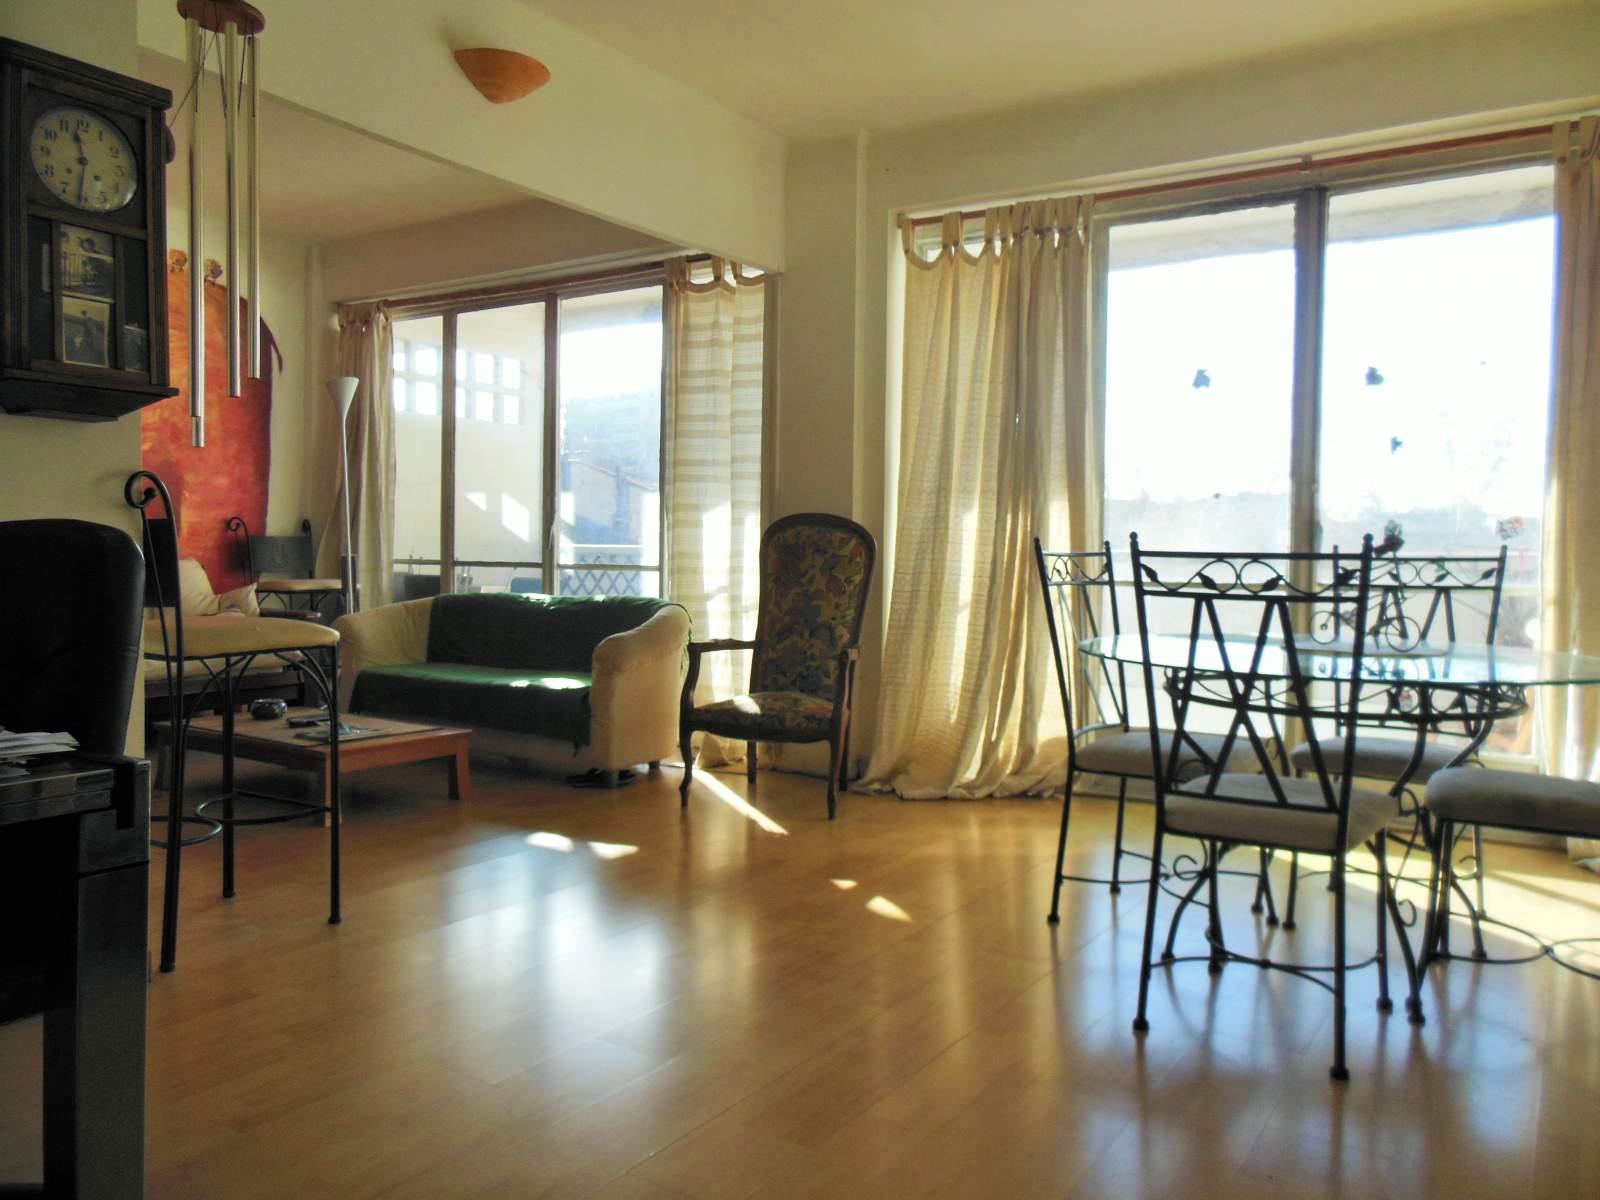 Achat appartement Toulouse : se loger tout en investissant son argent